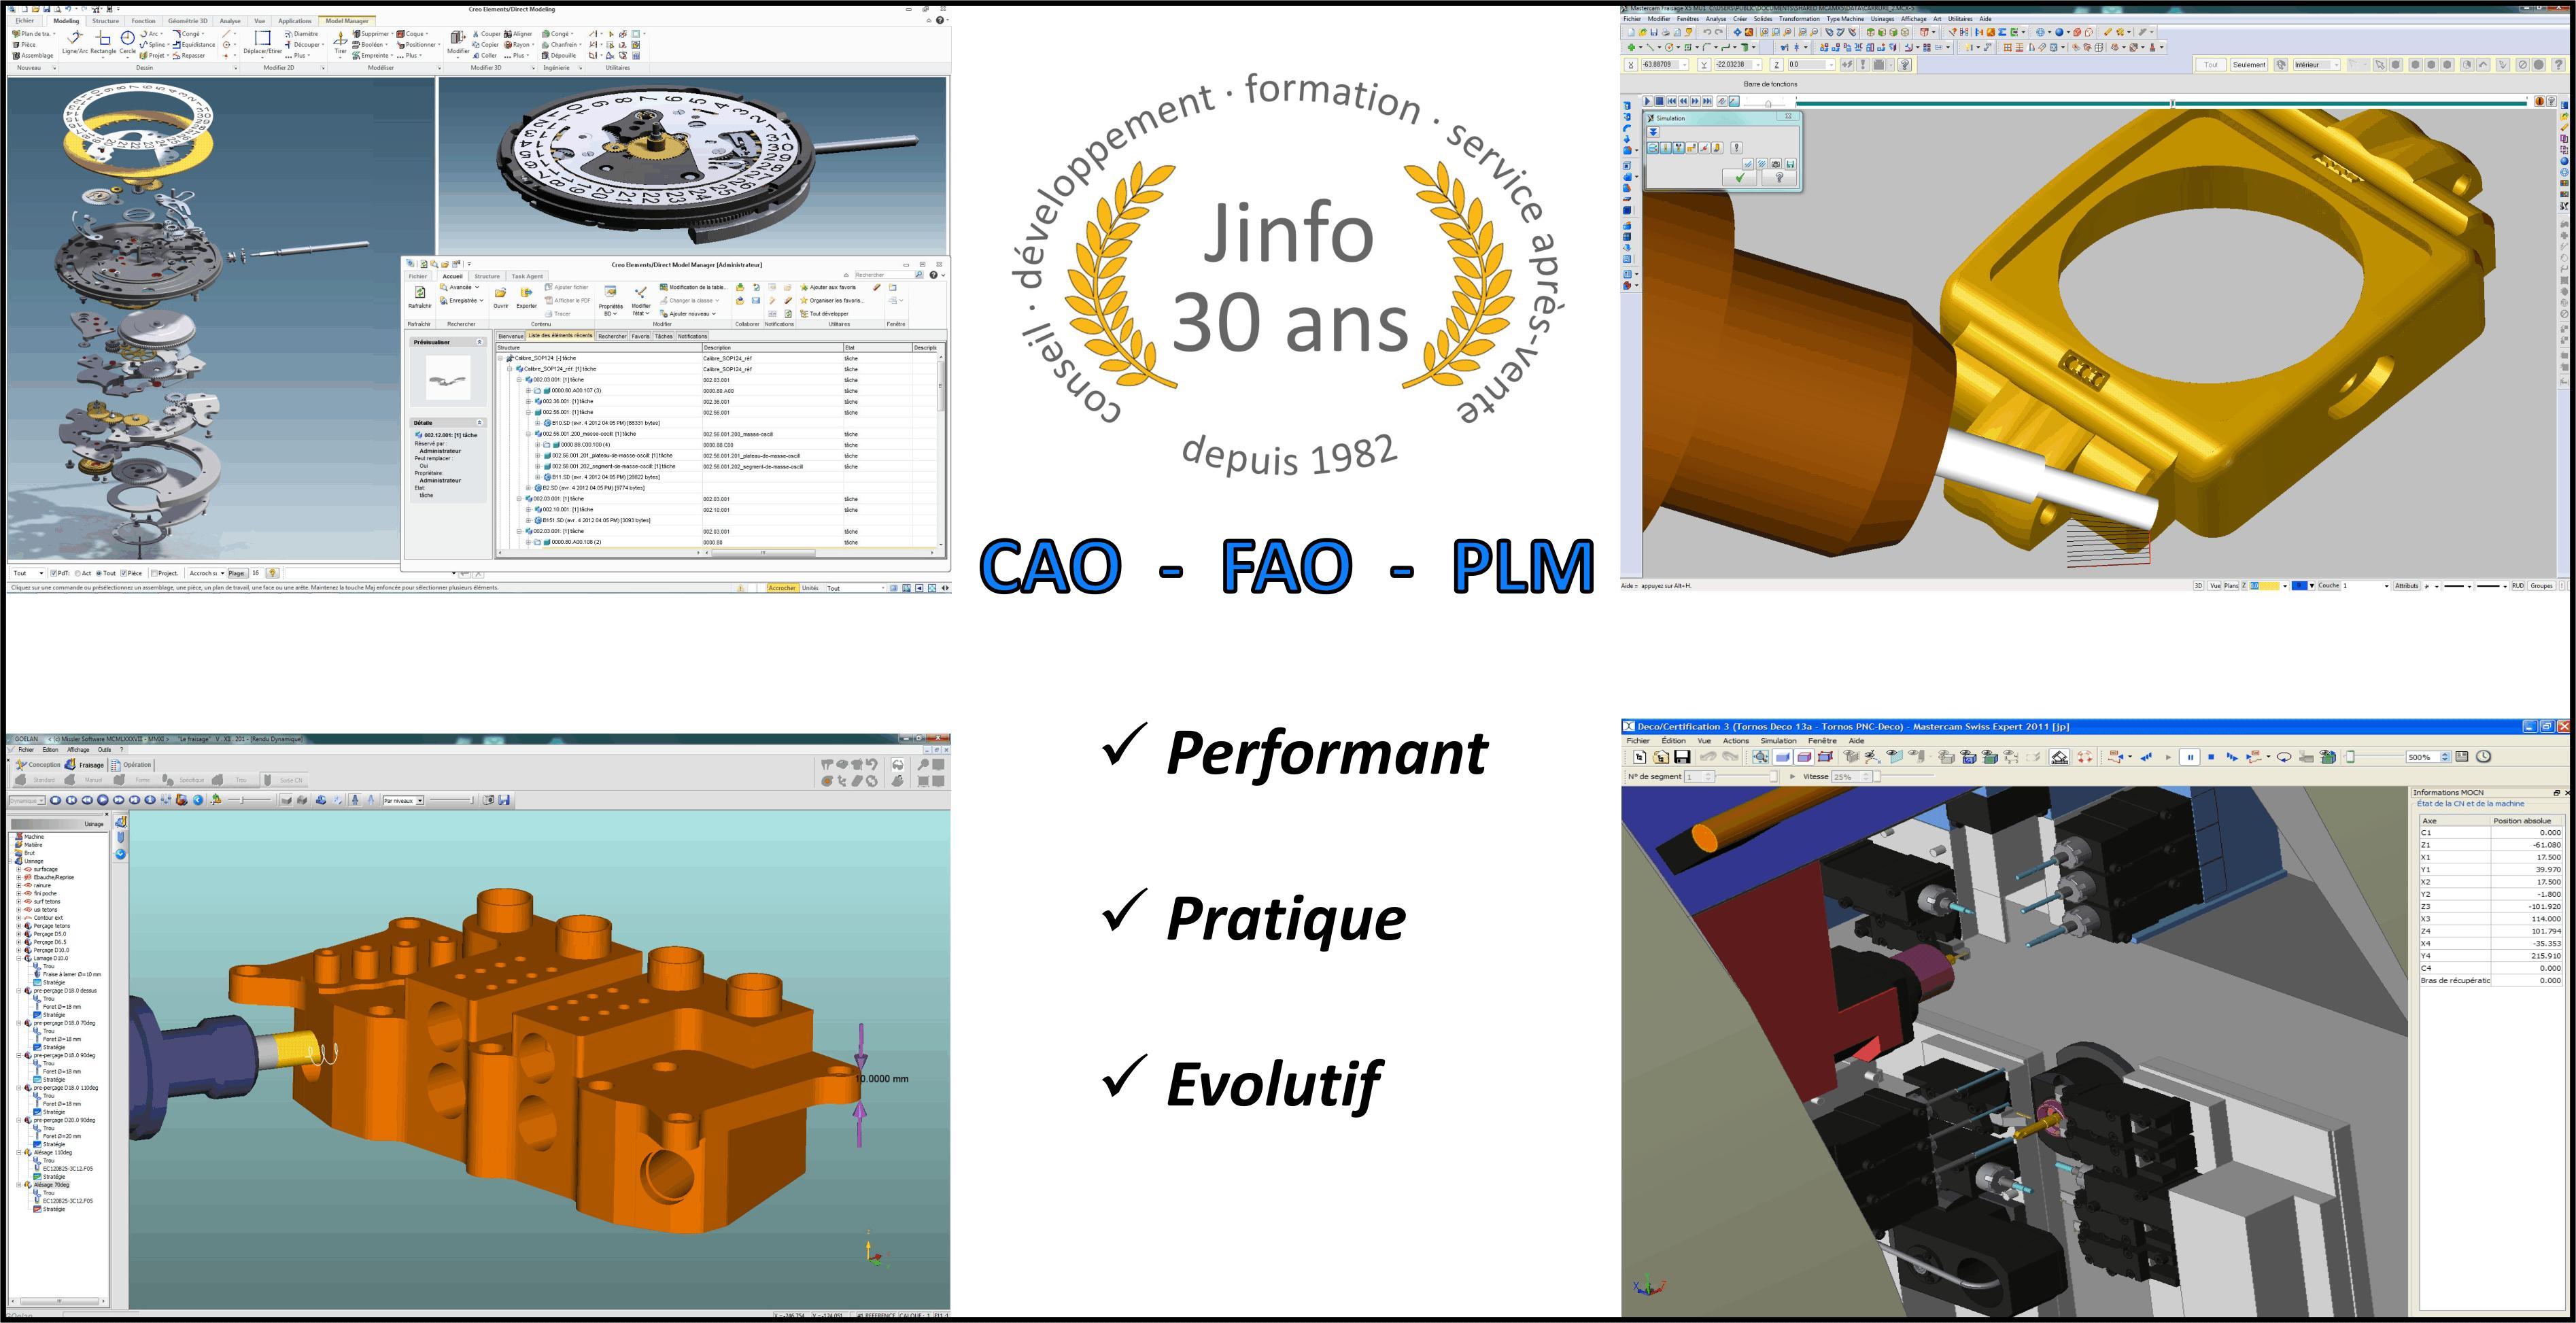 jinfo-30